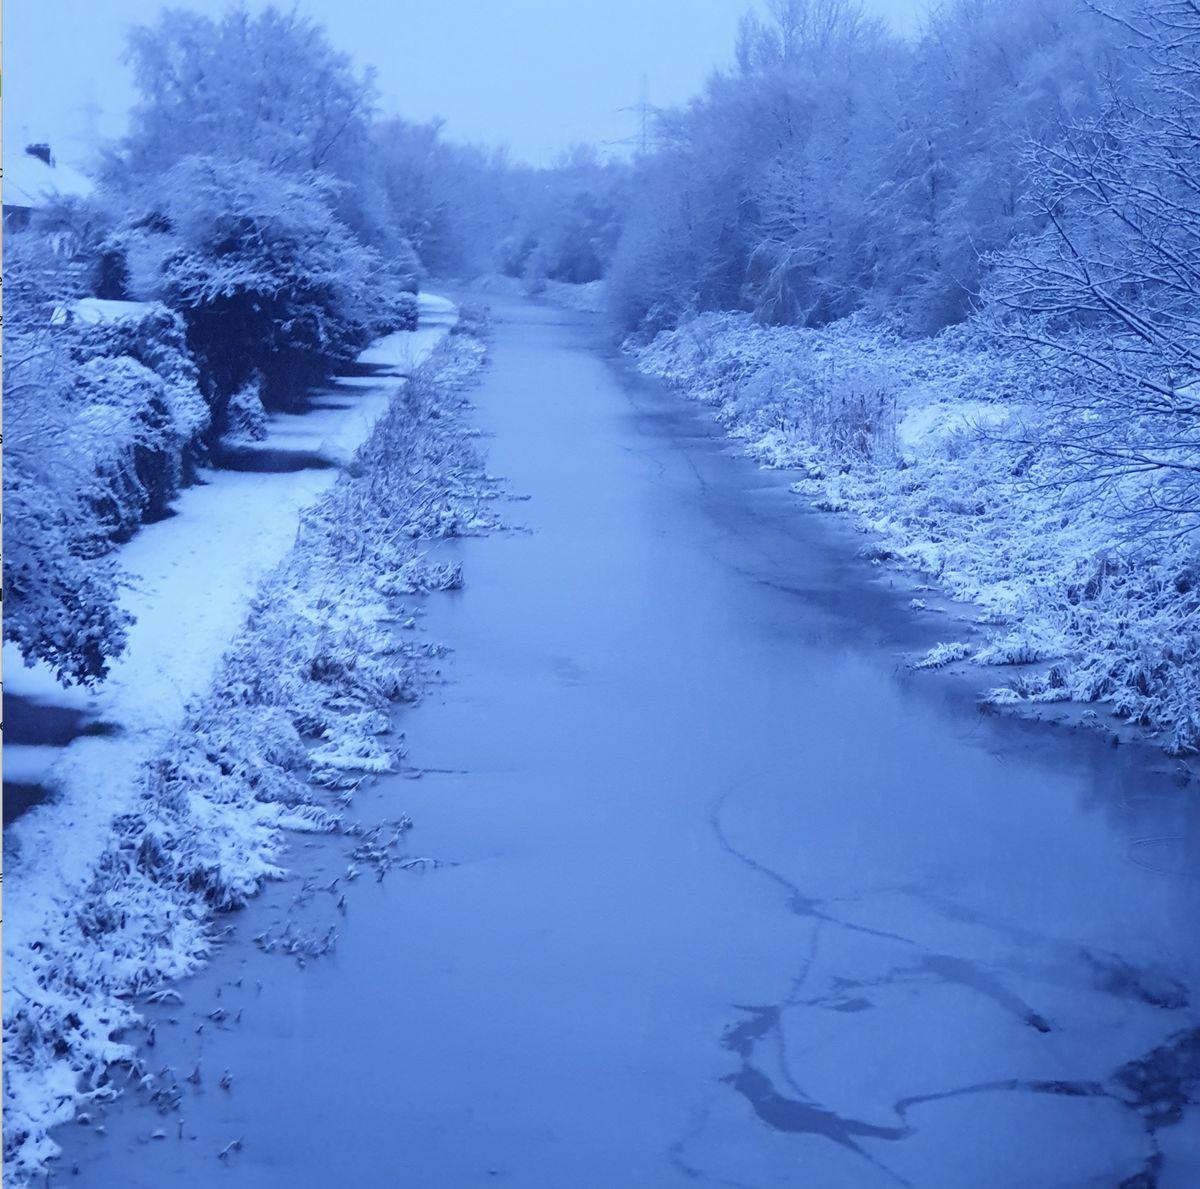 A snowy canal scene in Darlaston. By Jamie Green.